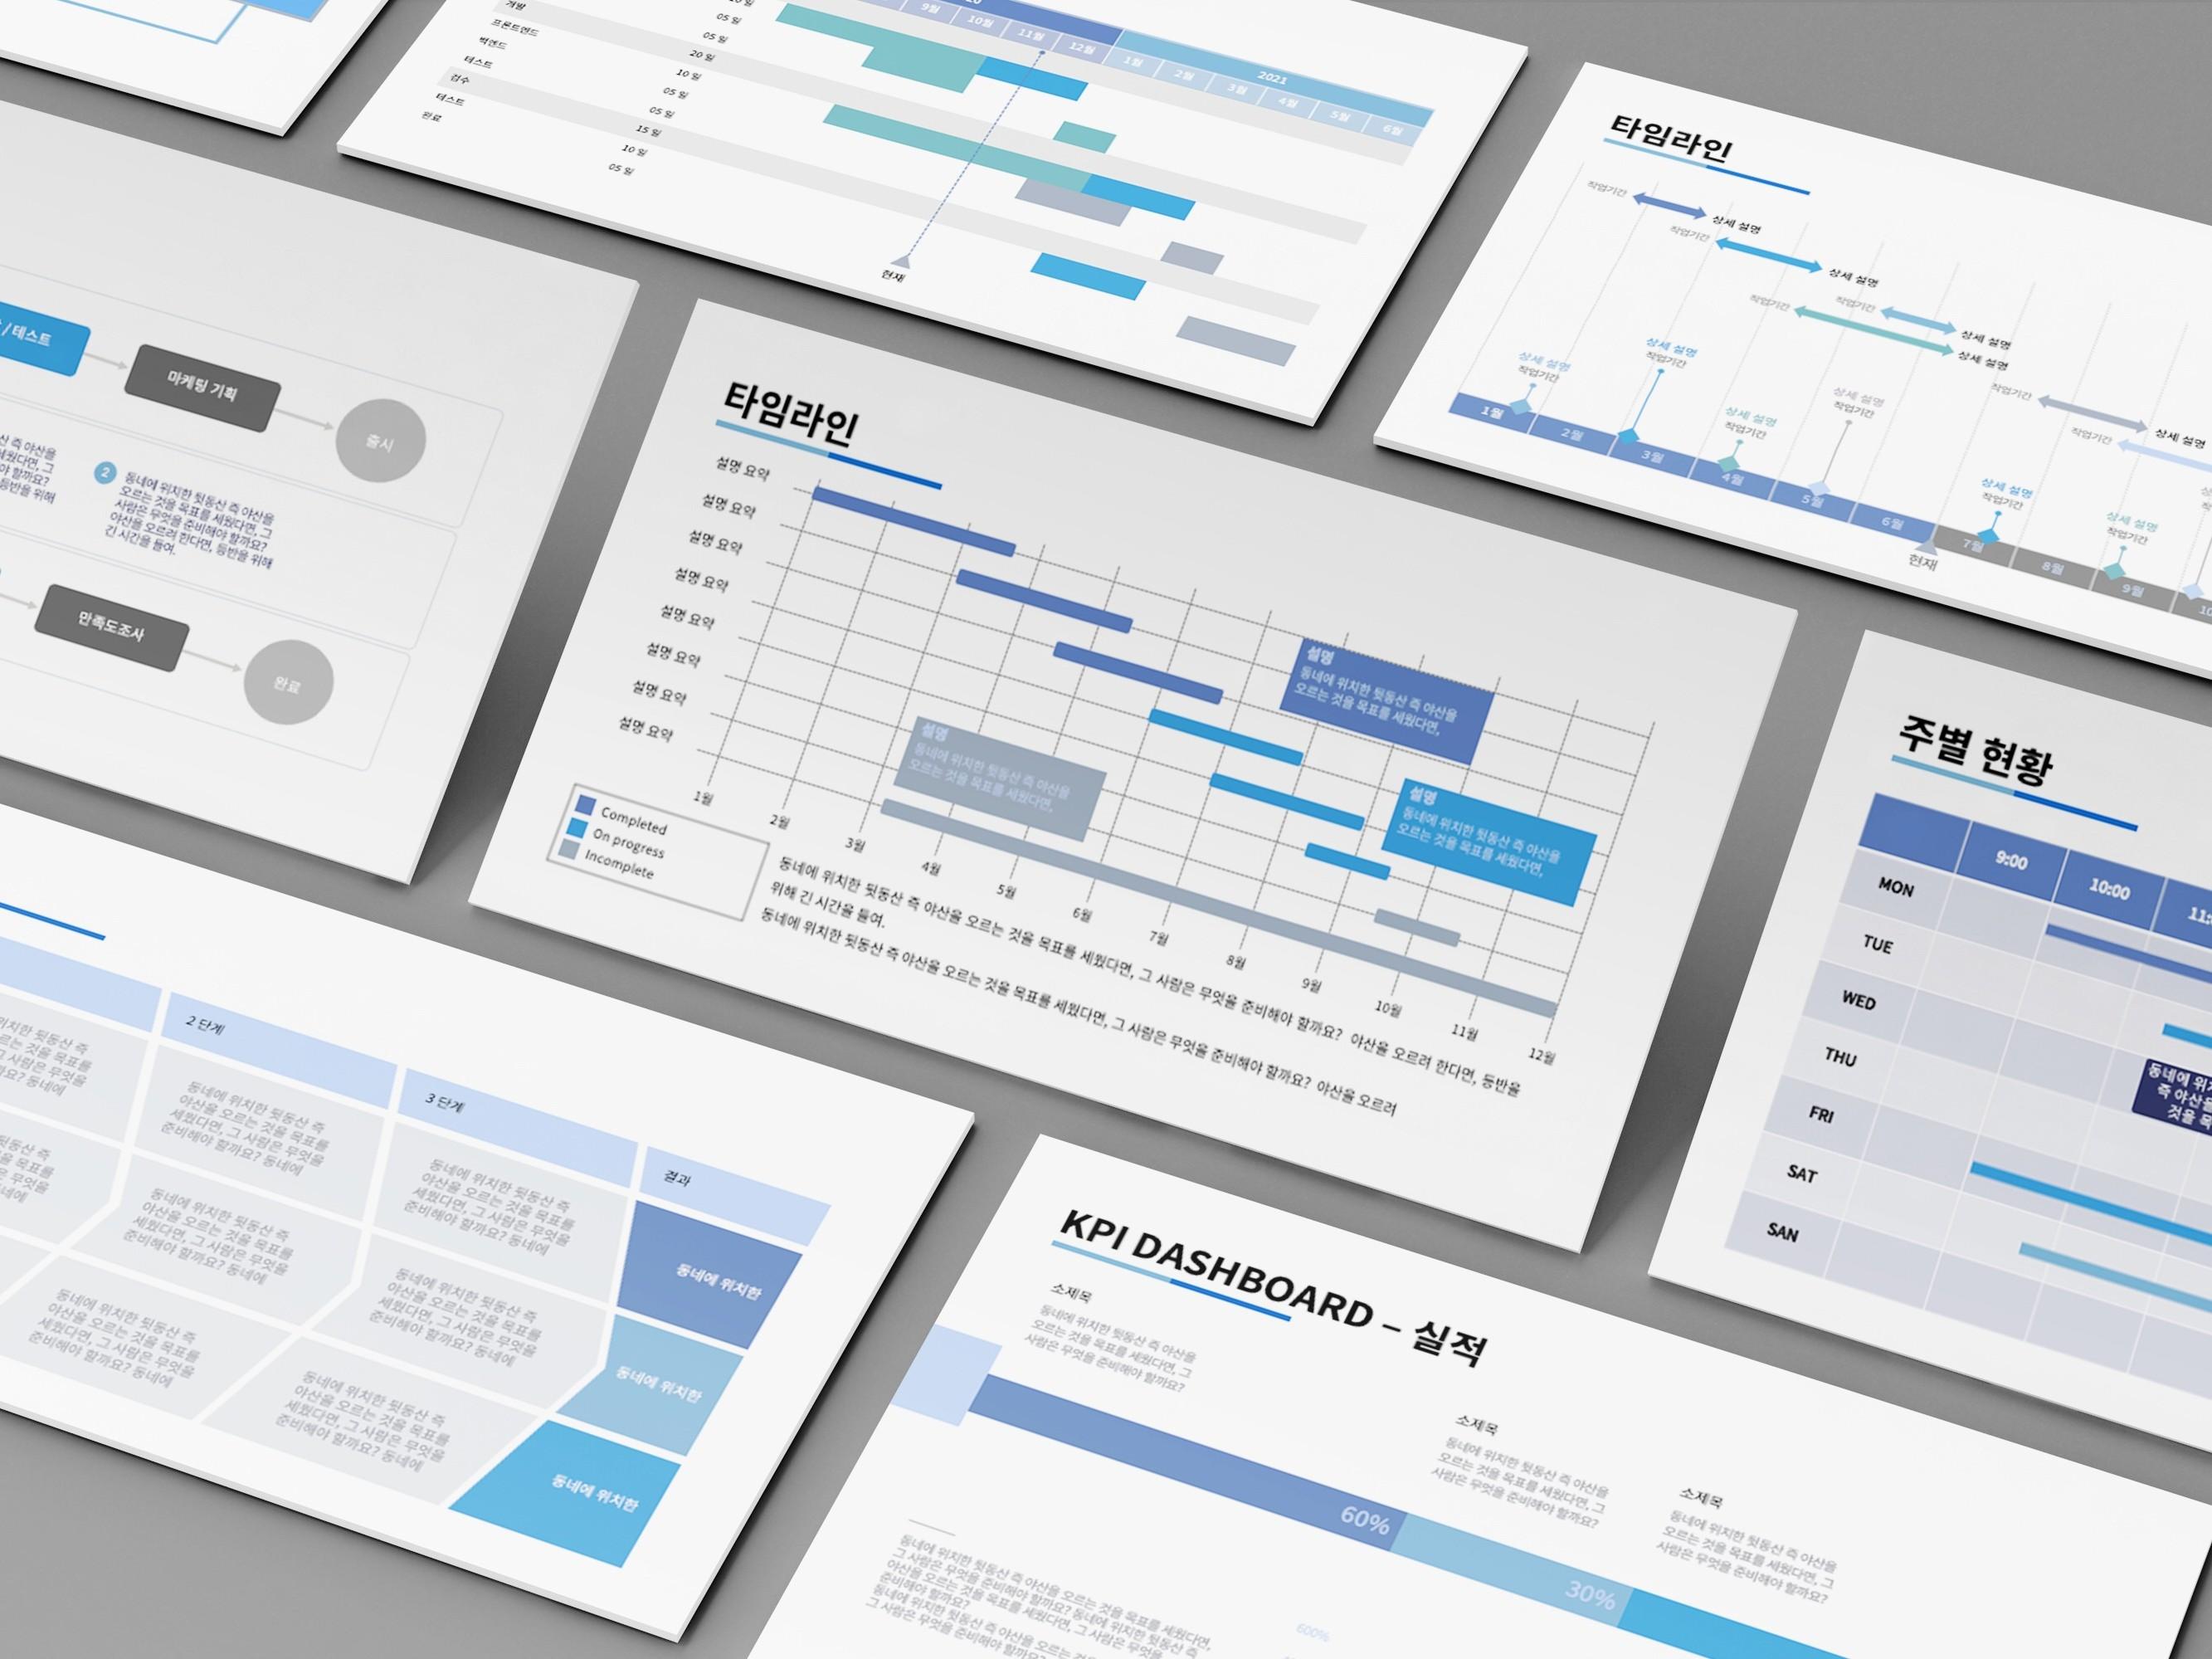 바로 활용하는 프로젝트, 사업 보고 KPI 대시보드를 드립니다.